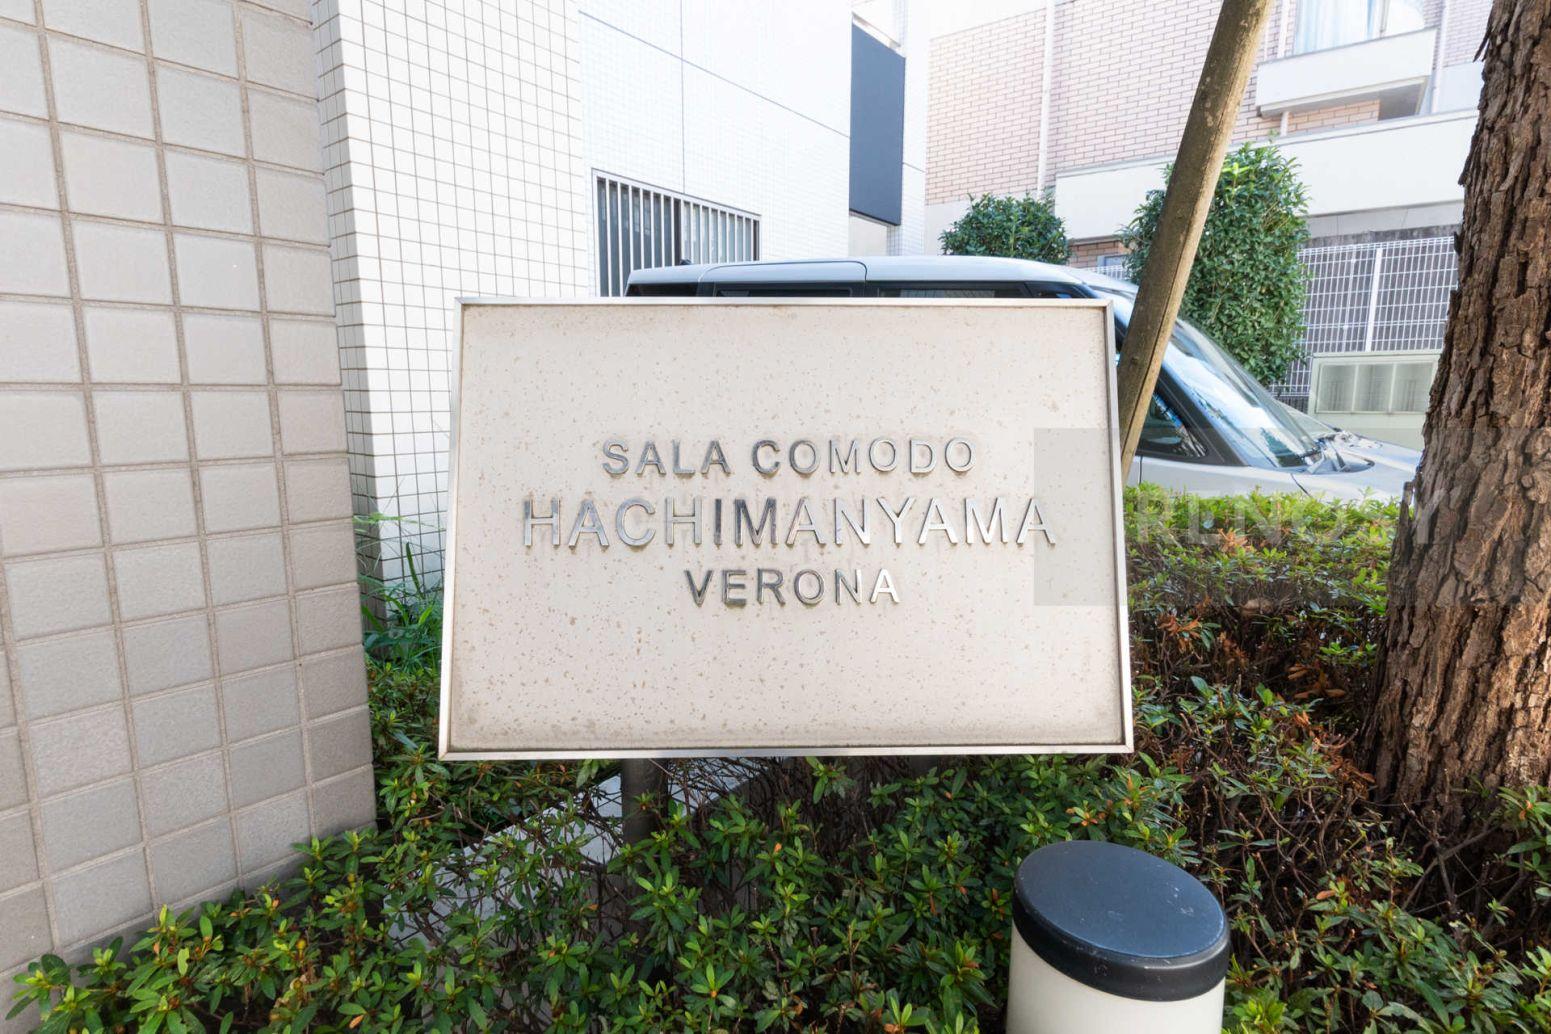 サーラコモド八幡山ヴェローナ